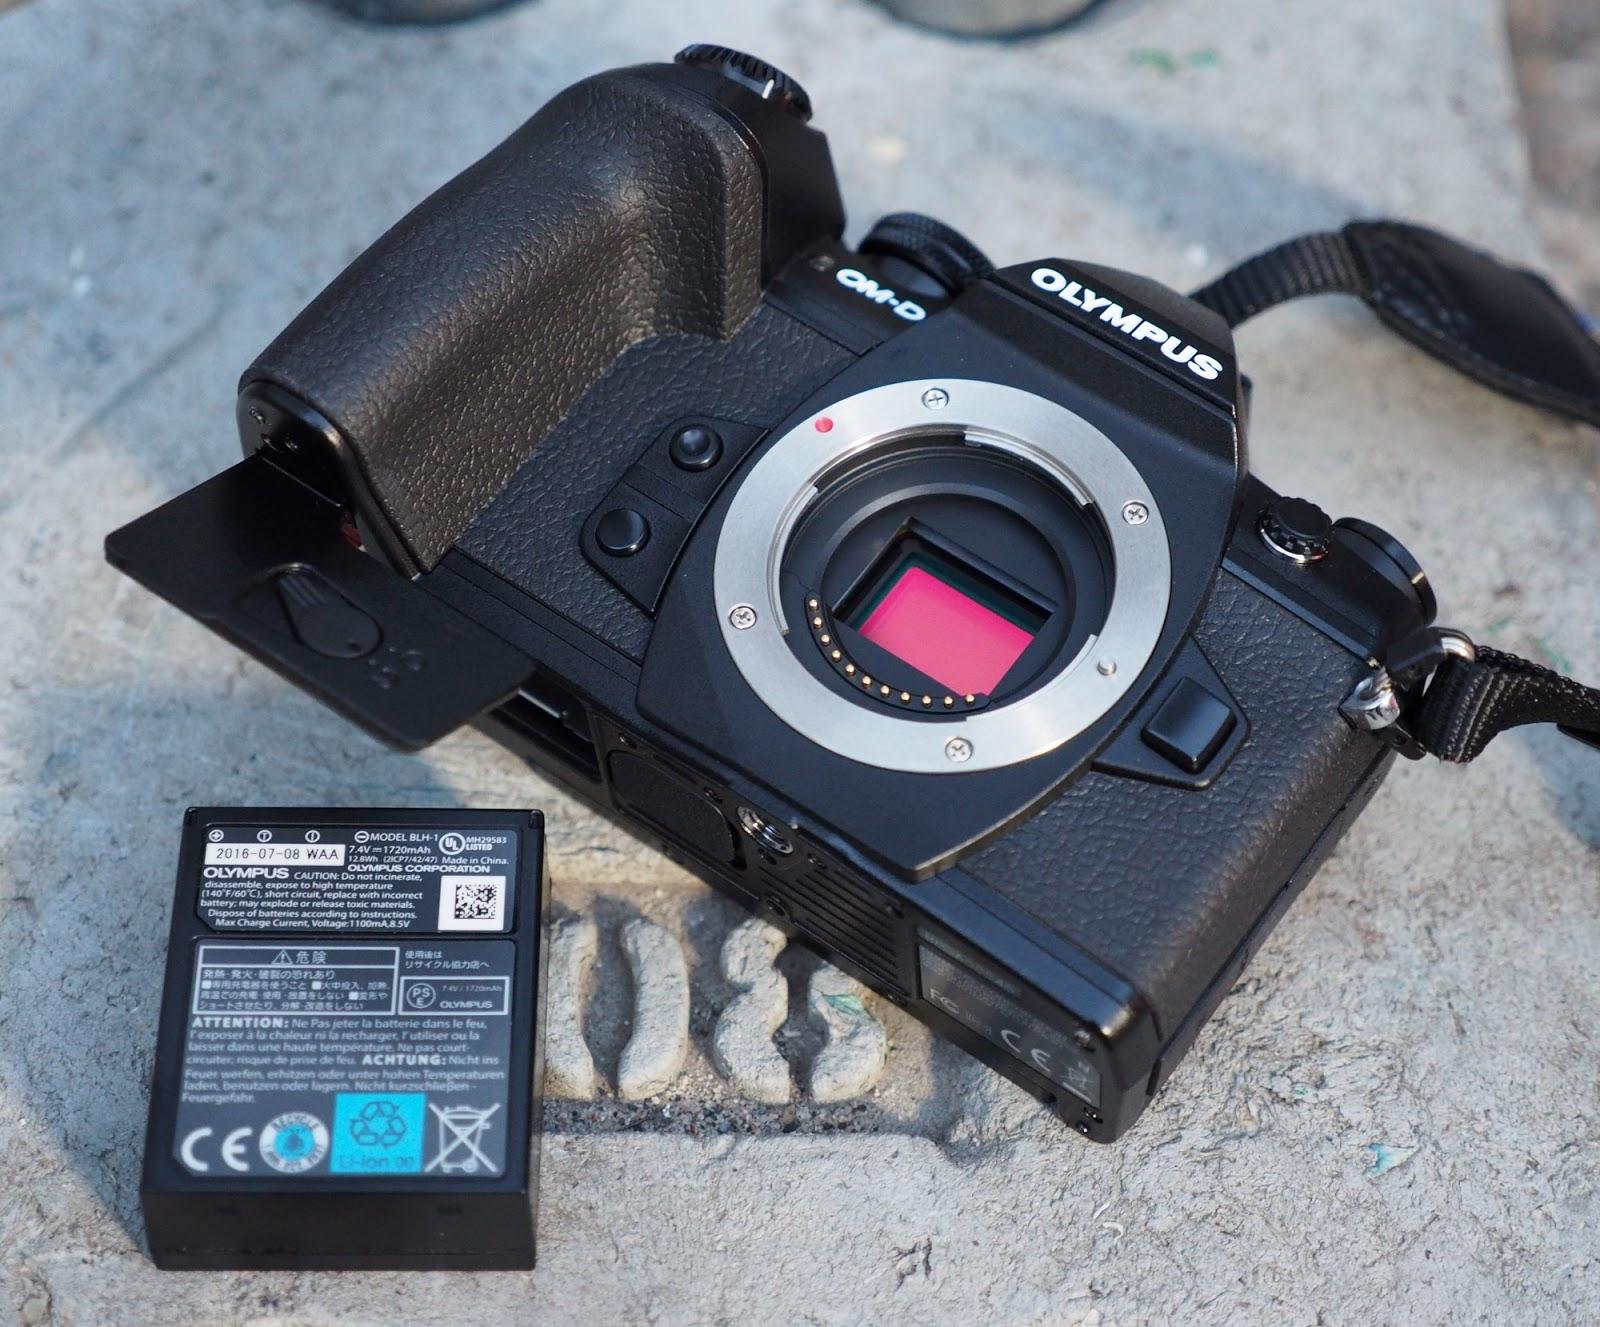 Cara Merawat Baterai Kamera agar Lebih Tahan Lama